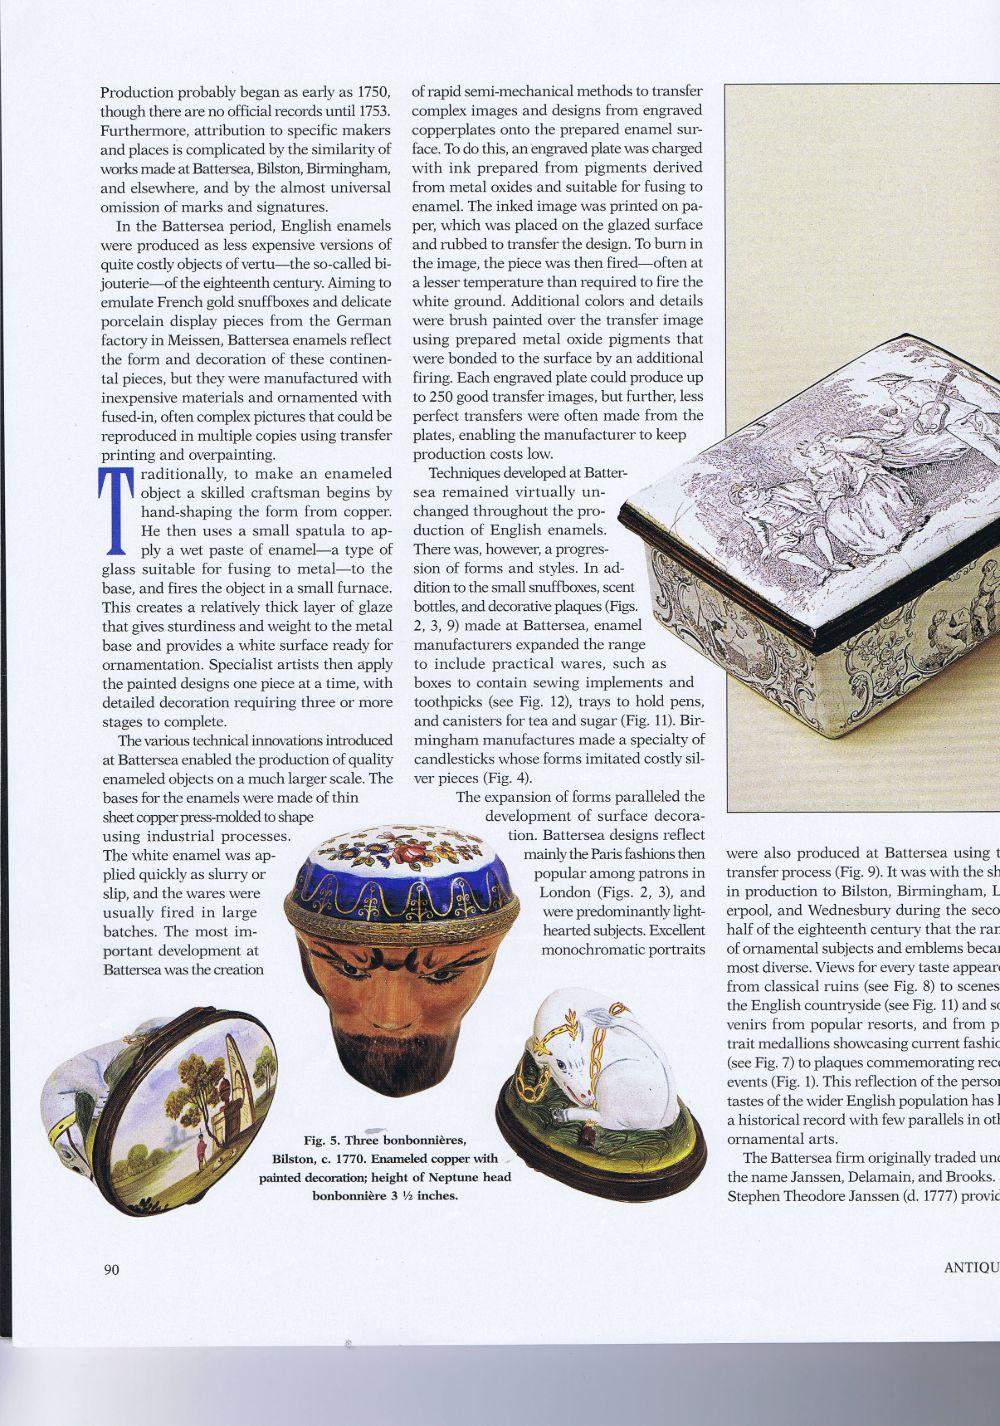 the magazine antiques07 Junel 2007.3